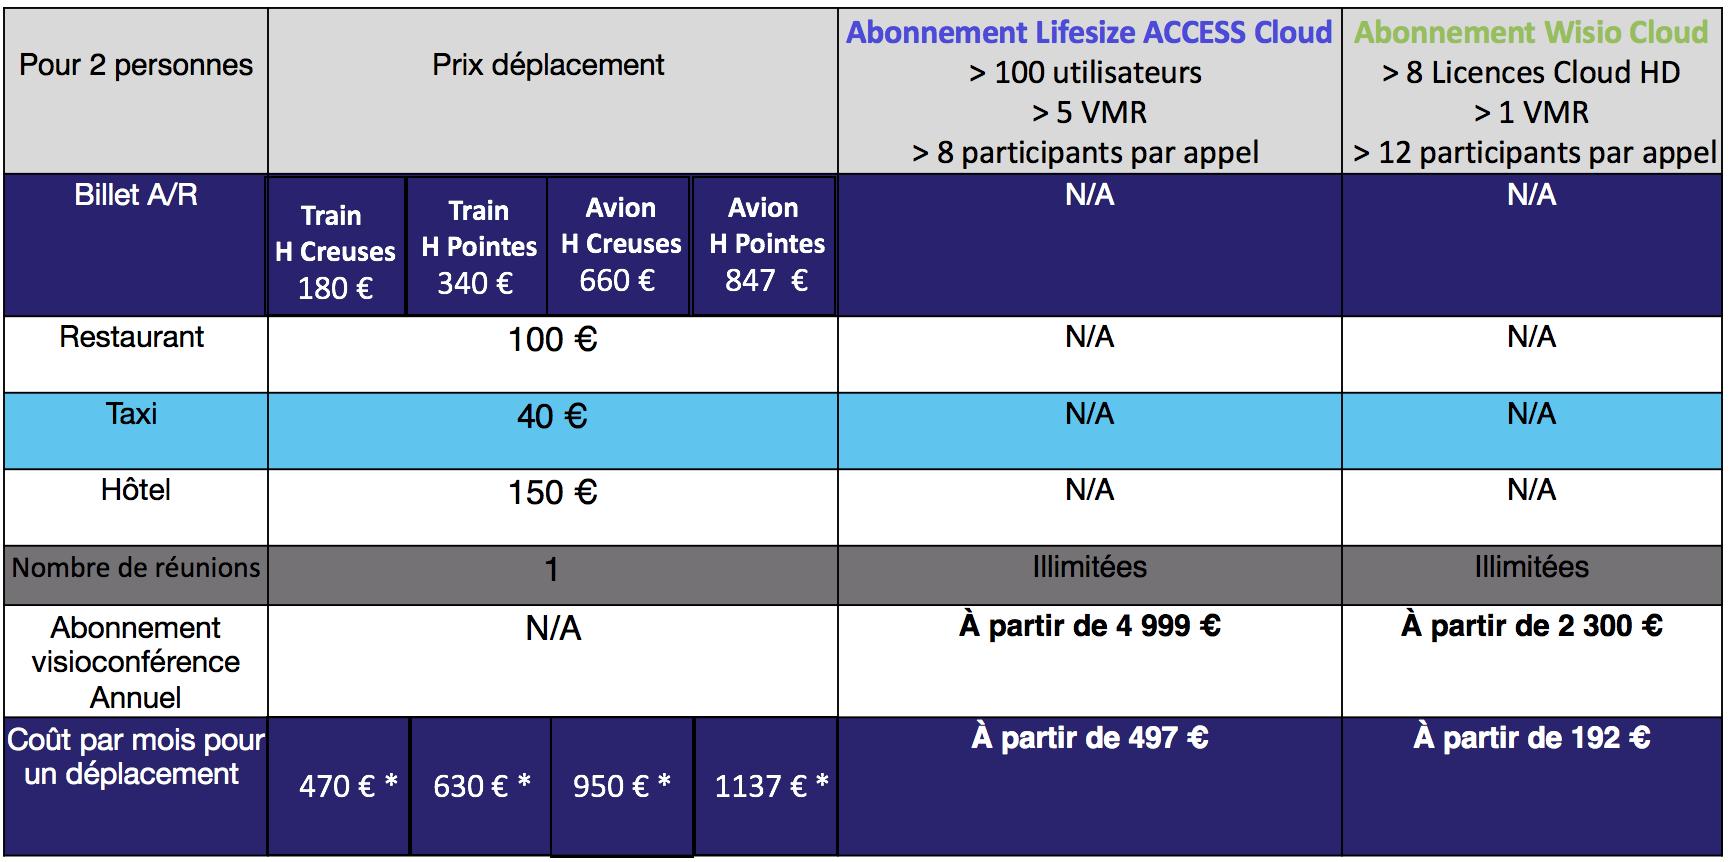 Etude comparative entre le prix d´une visioconférence et le prix d´un déplacement